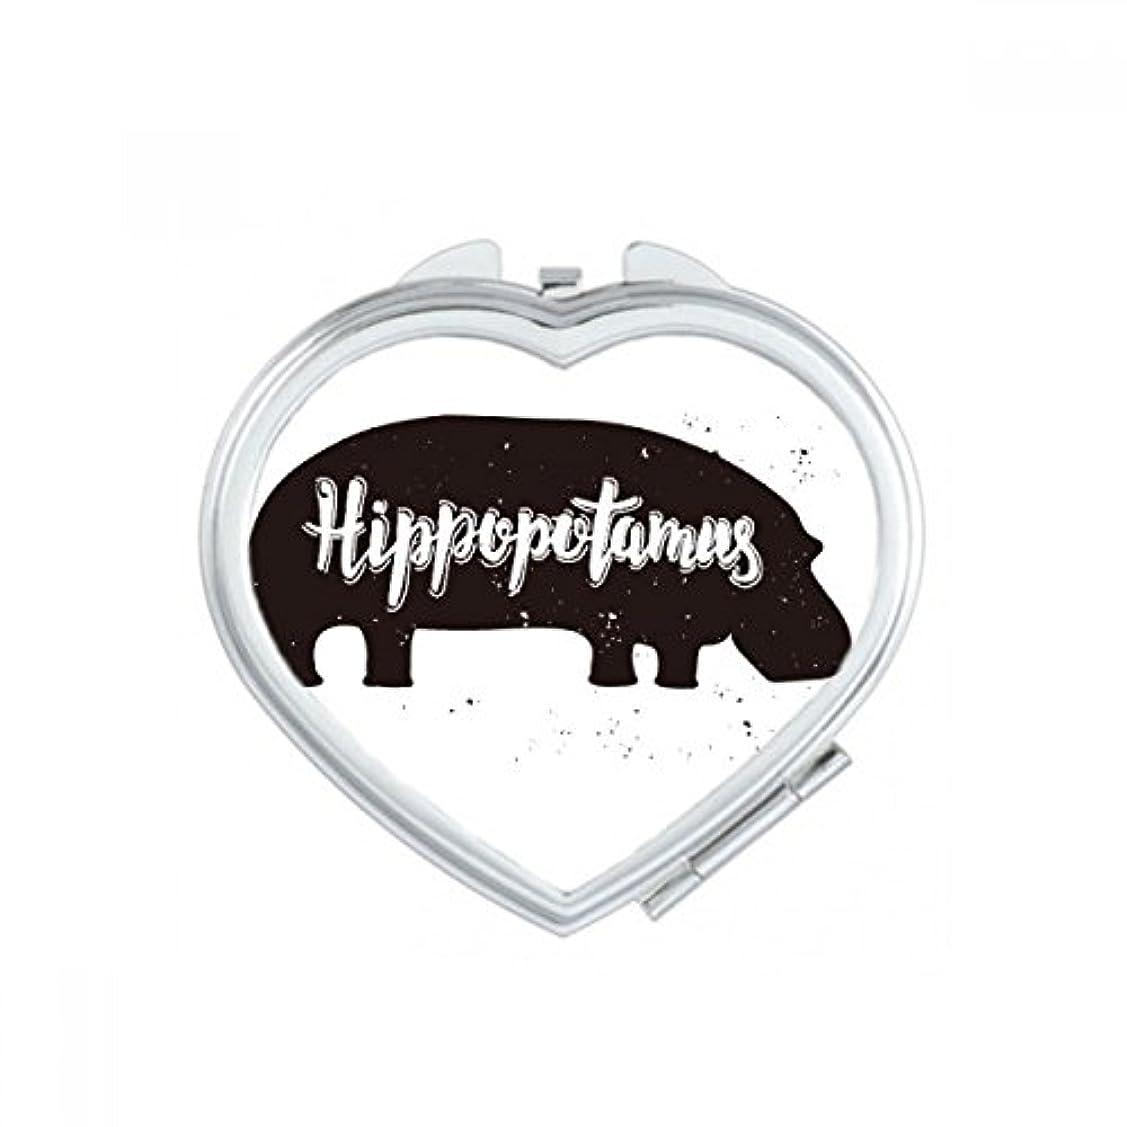 無視する人生を作る瞑想するカバの黒と白のシャドー動物スケッチ ハートコンパクト化粧ポケットミラー携帯用の小さなかわいいハンドミラープレゼント